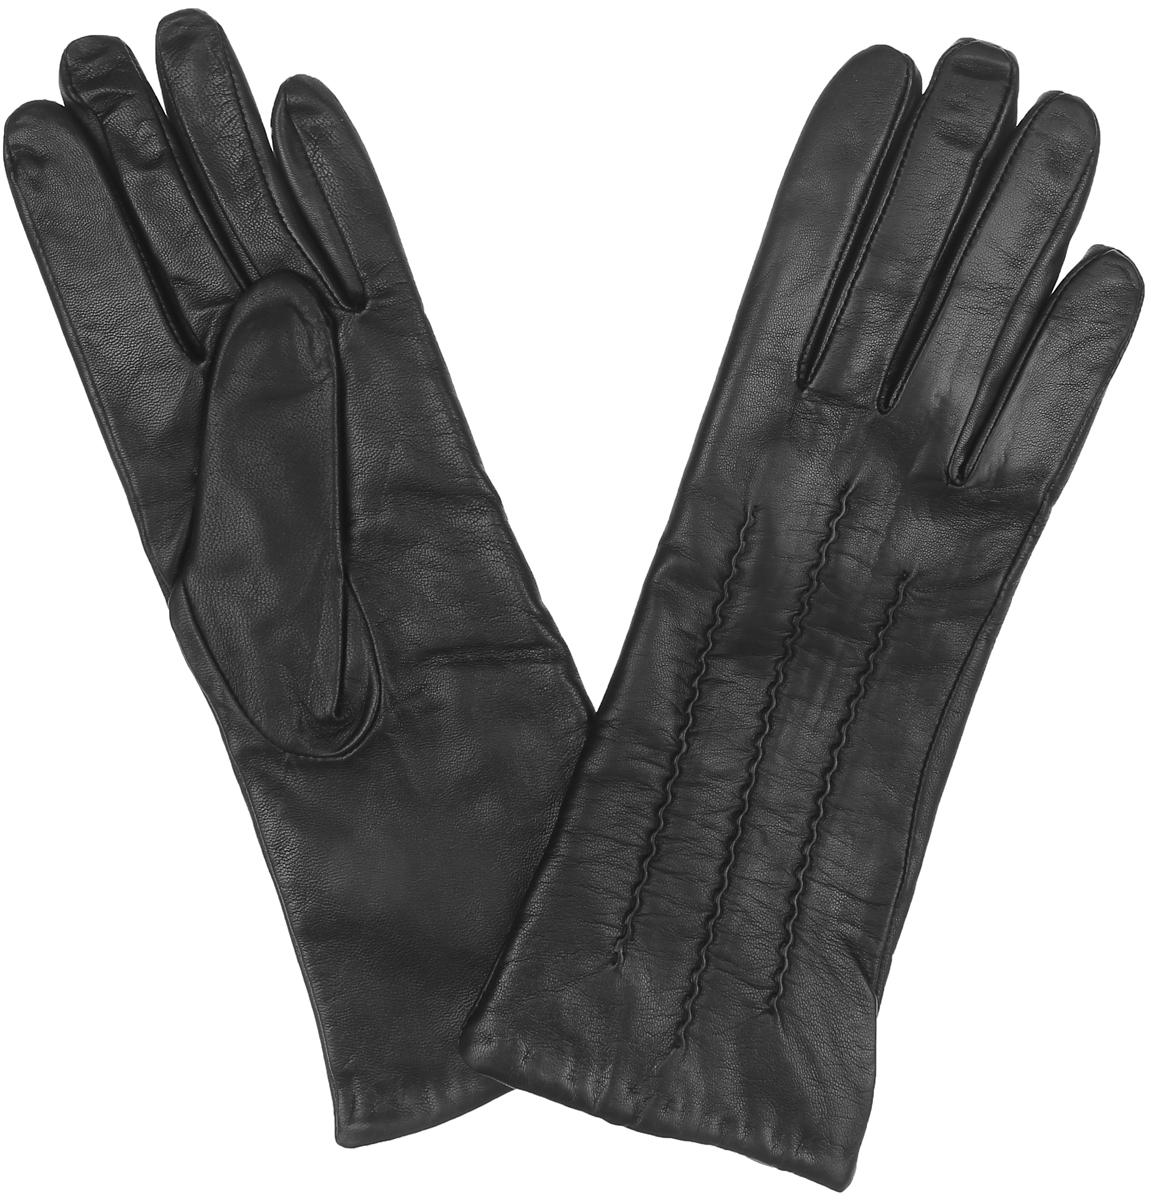 Перчатки женские. HP01132HP01132Классические женские перчатки Eleganzza - первая необходимость в осенне-зимний период. Перчатки выполнены из необыкновенно мягкой и приятной на ощупь кожи ягненка, а их подкладка - из натуральной шерсти с добавлением кашемира. Лицевая сторона украшена декоративным тиснением. Потрясающие женские перчатки Eleganzza подойдут романтичным особам с тонким вкусом. Но самое главное - они защитят руки от холода и ветра, сохраняя их красоту.